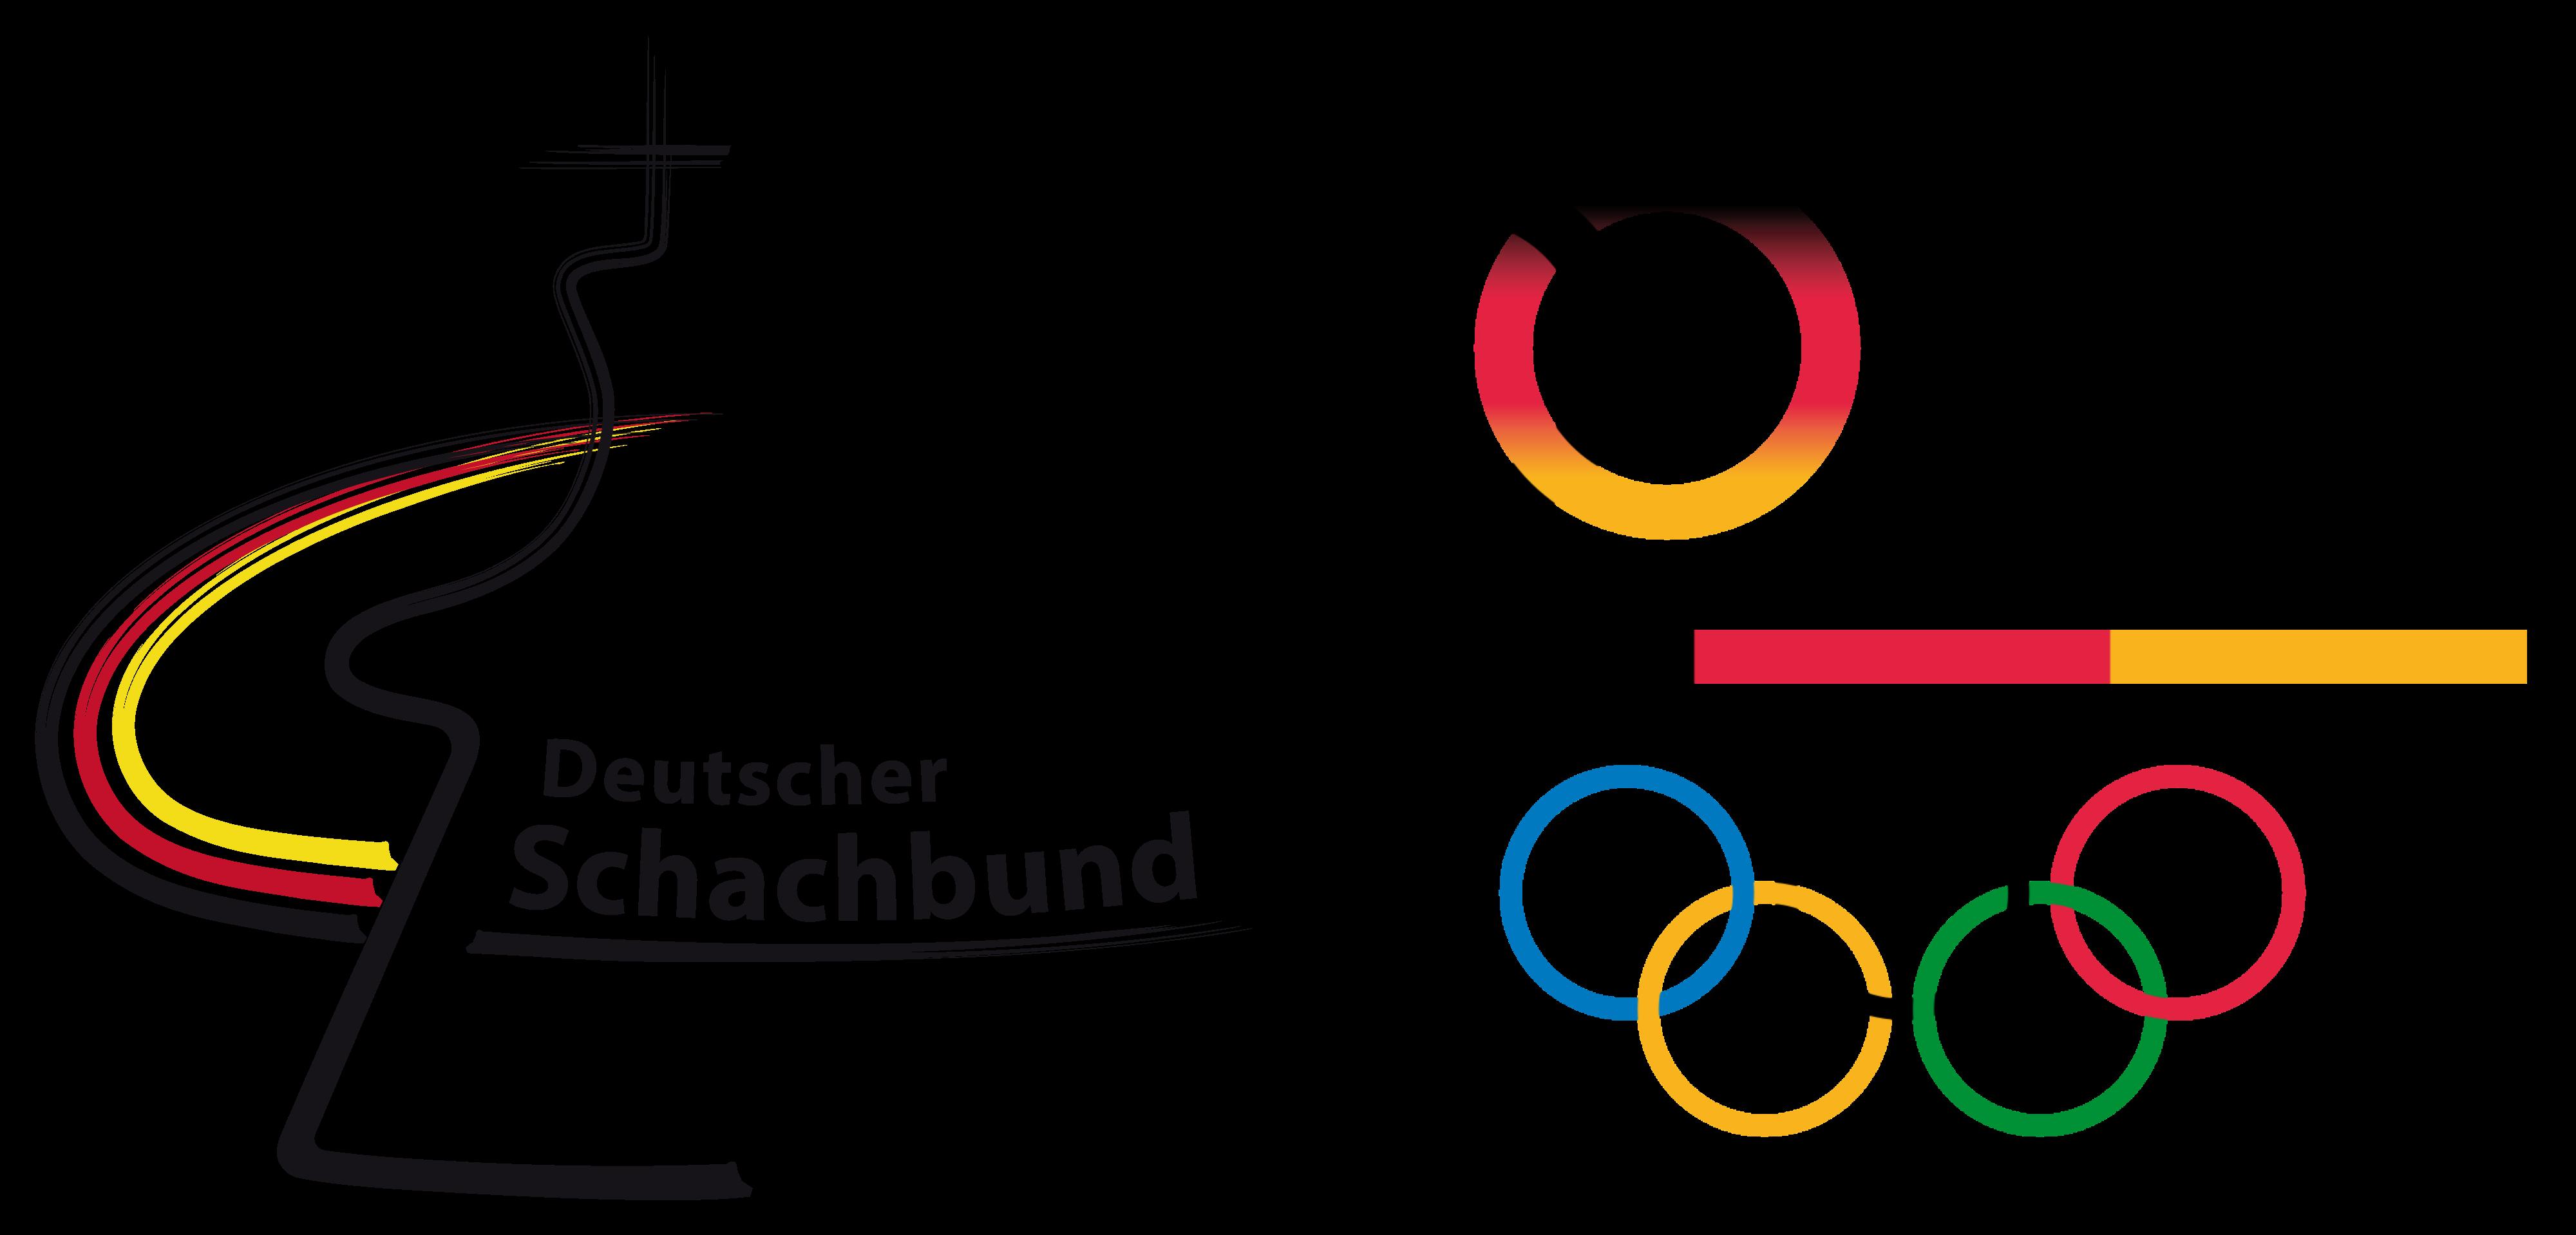 Heute fand in Frankfurt/Main wegen der vom BMI gestrichenen Fördergelder  ein Gespräch von Vertretern des Deutschen Schachbundes mit dem DOSB statt.